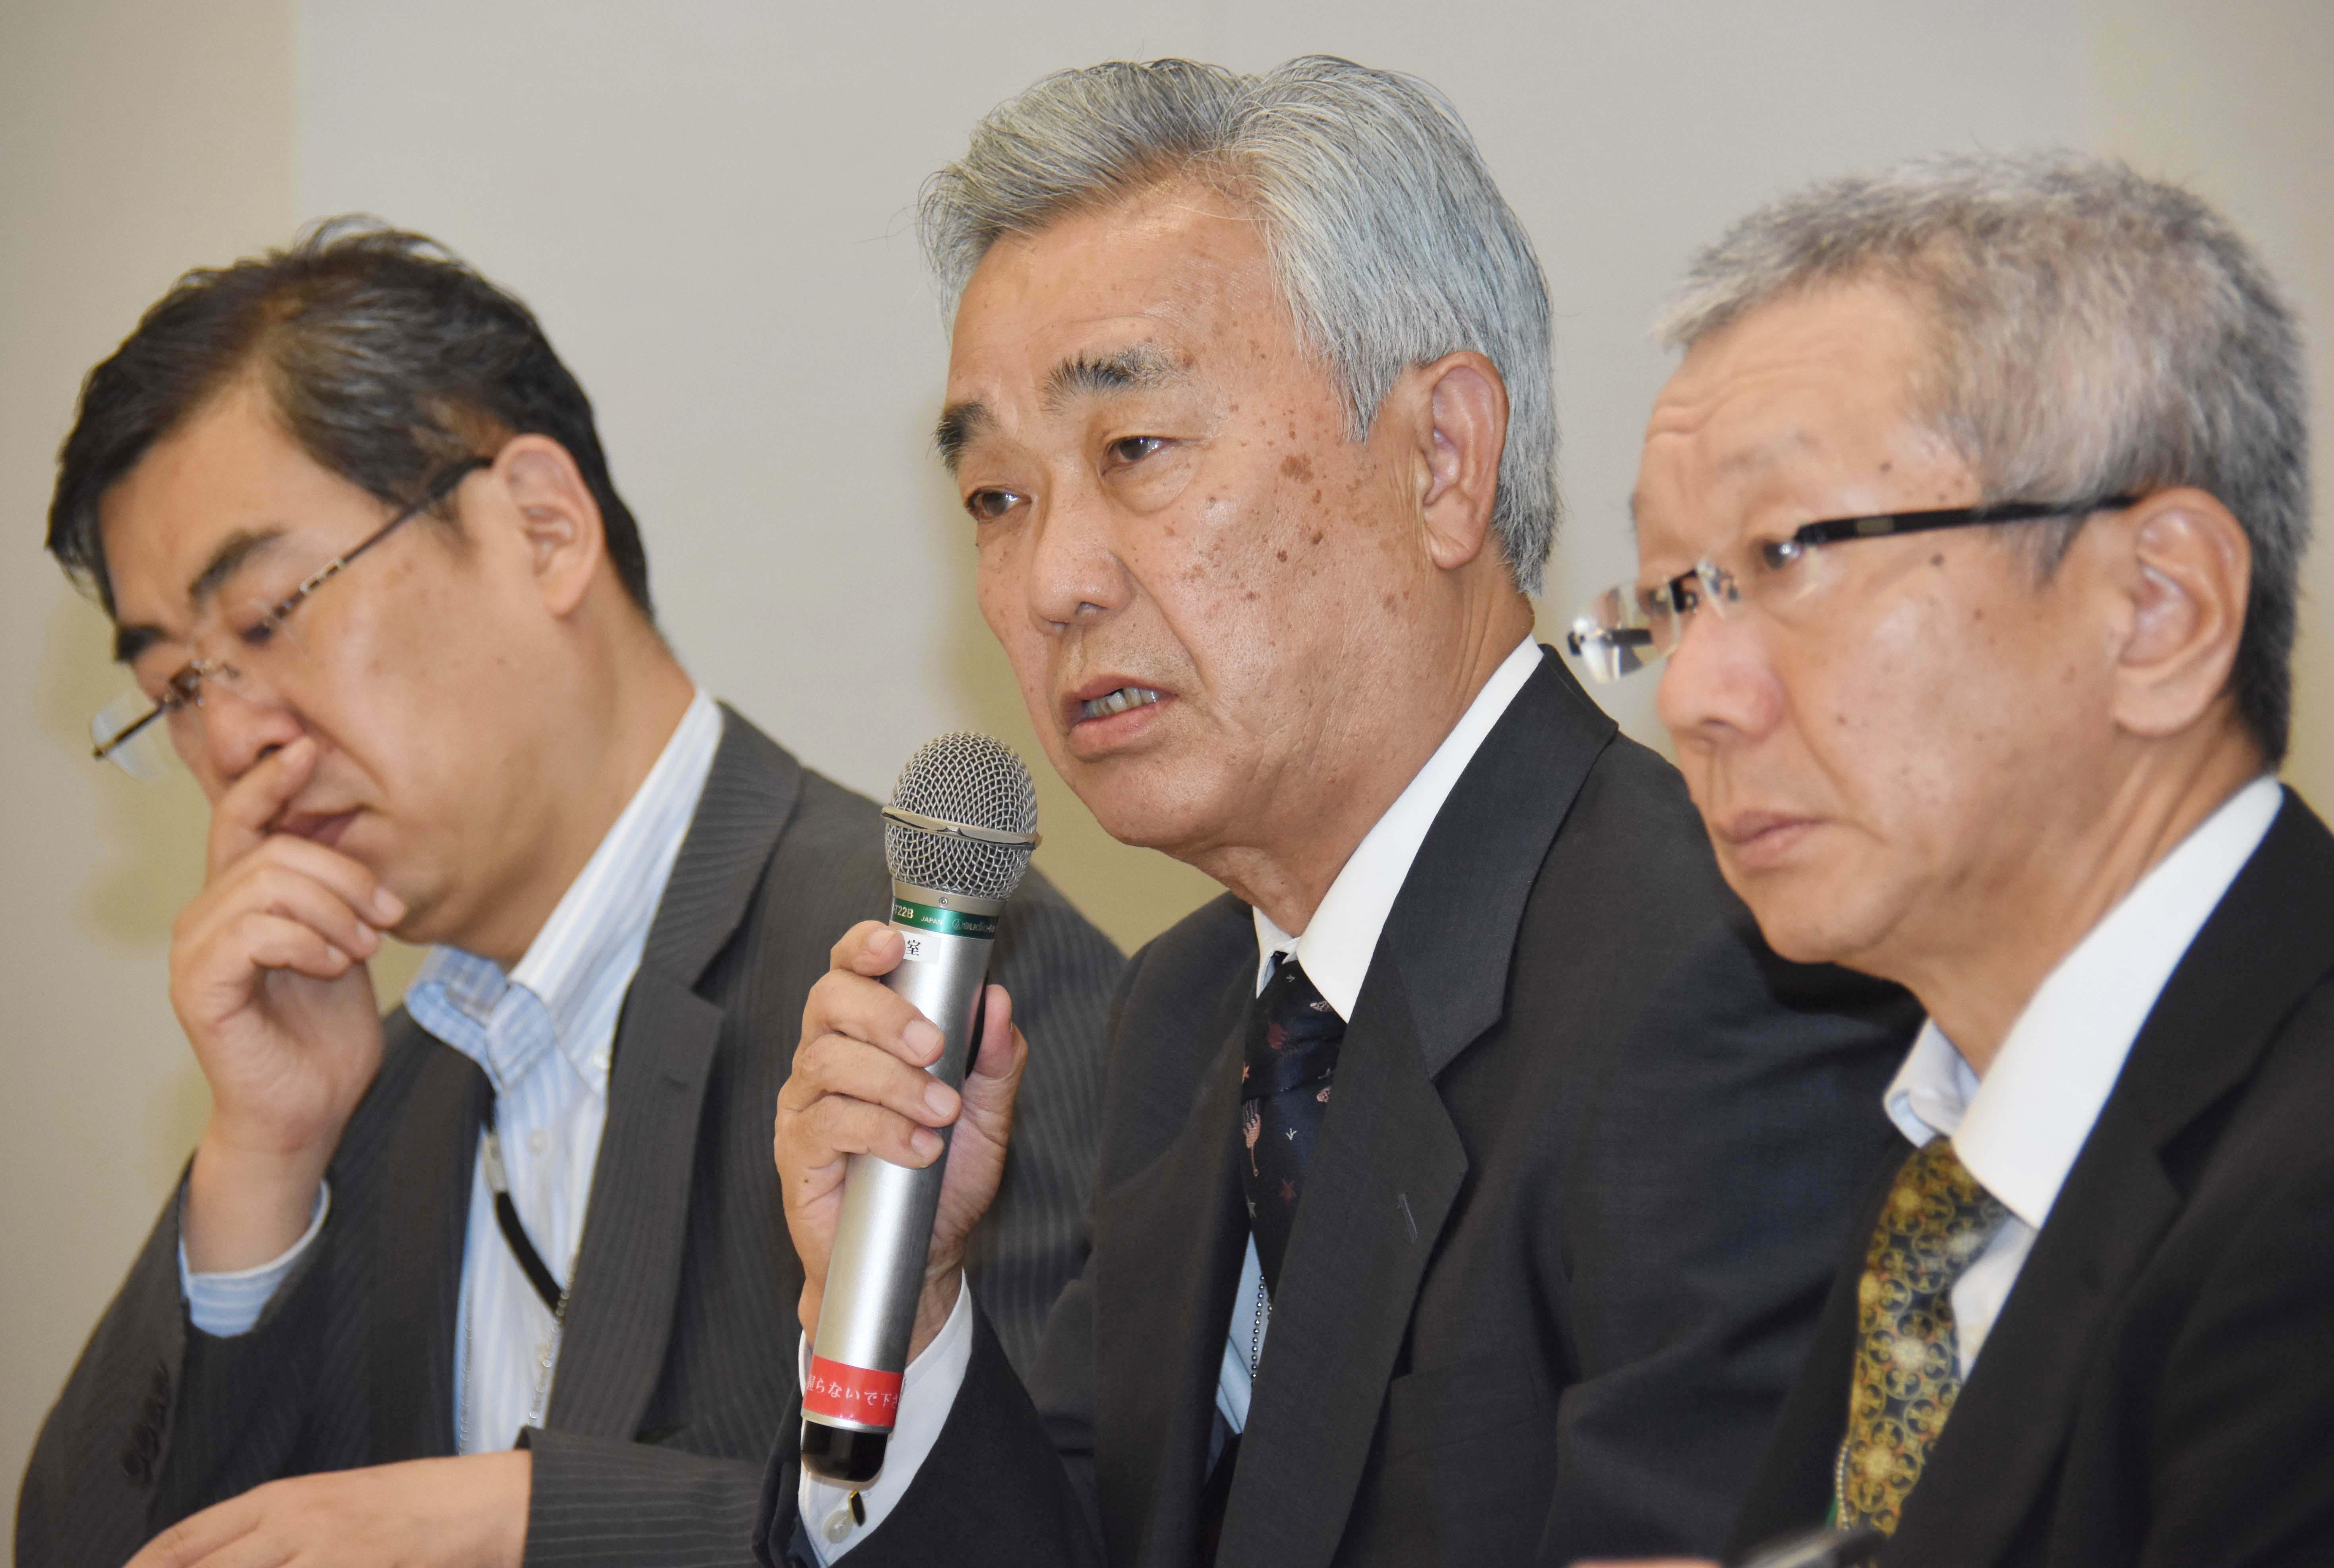 個人情報流出の説明をする日本年金機構の水島理事長(中央)(C)日刊ゲンダイ